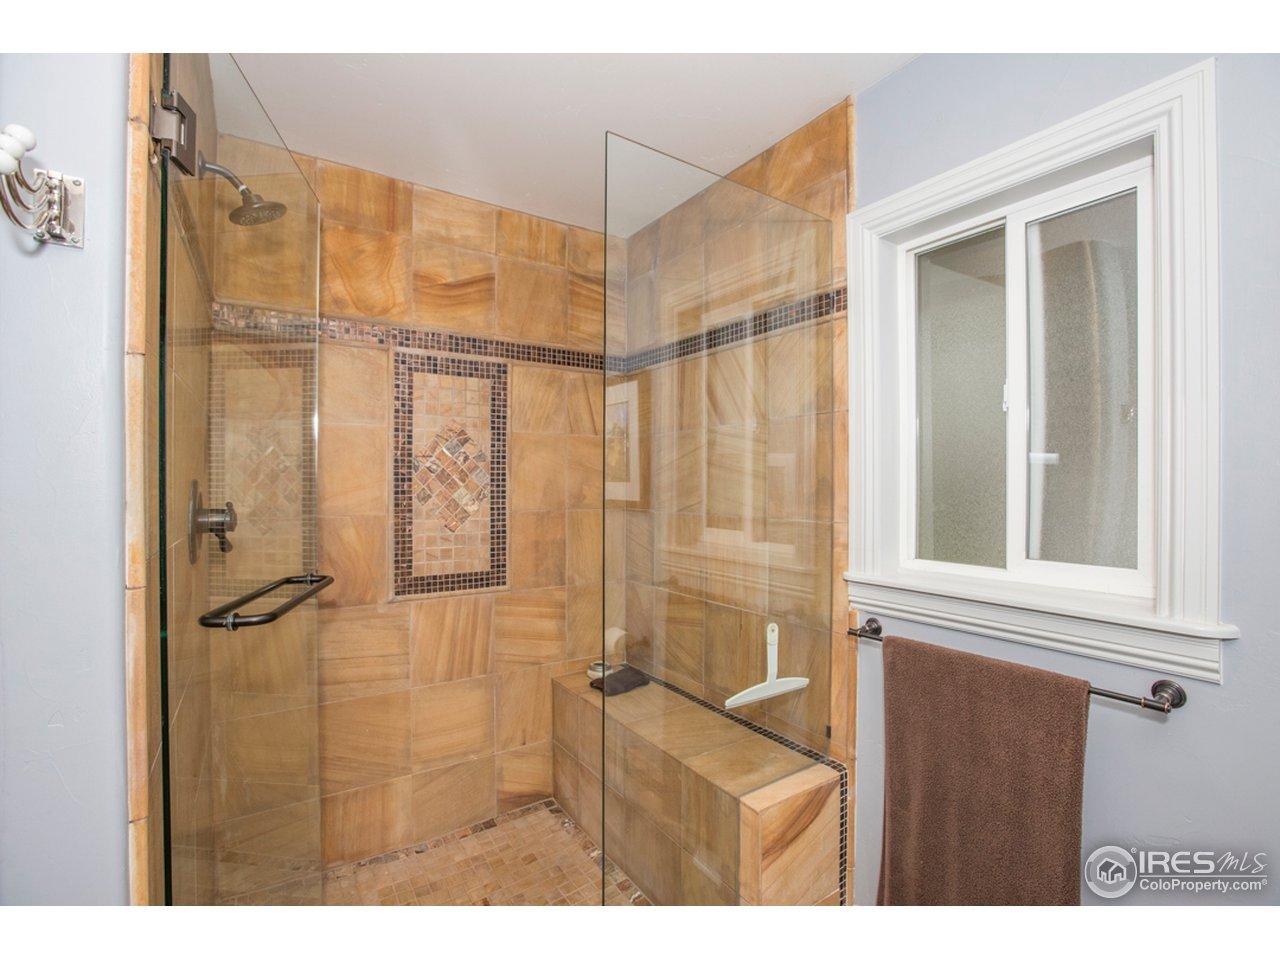 2800 W Elizabeth St Fort Collins Co 80521 Fort Collins Sold Listing Mls 864428